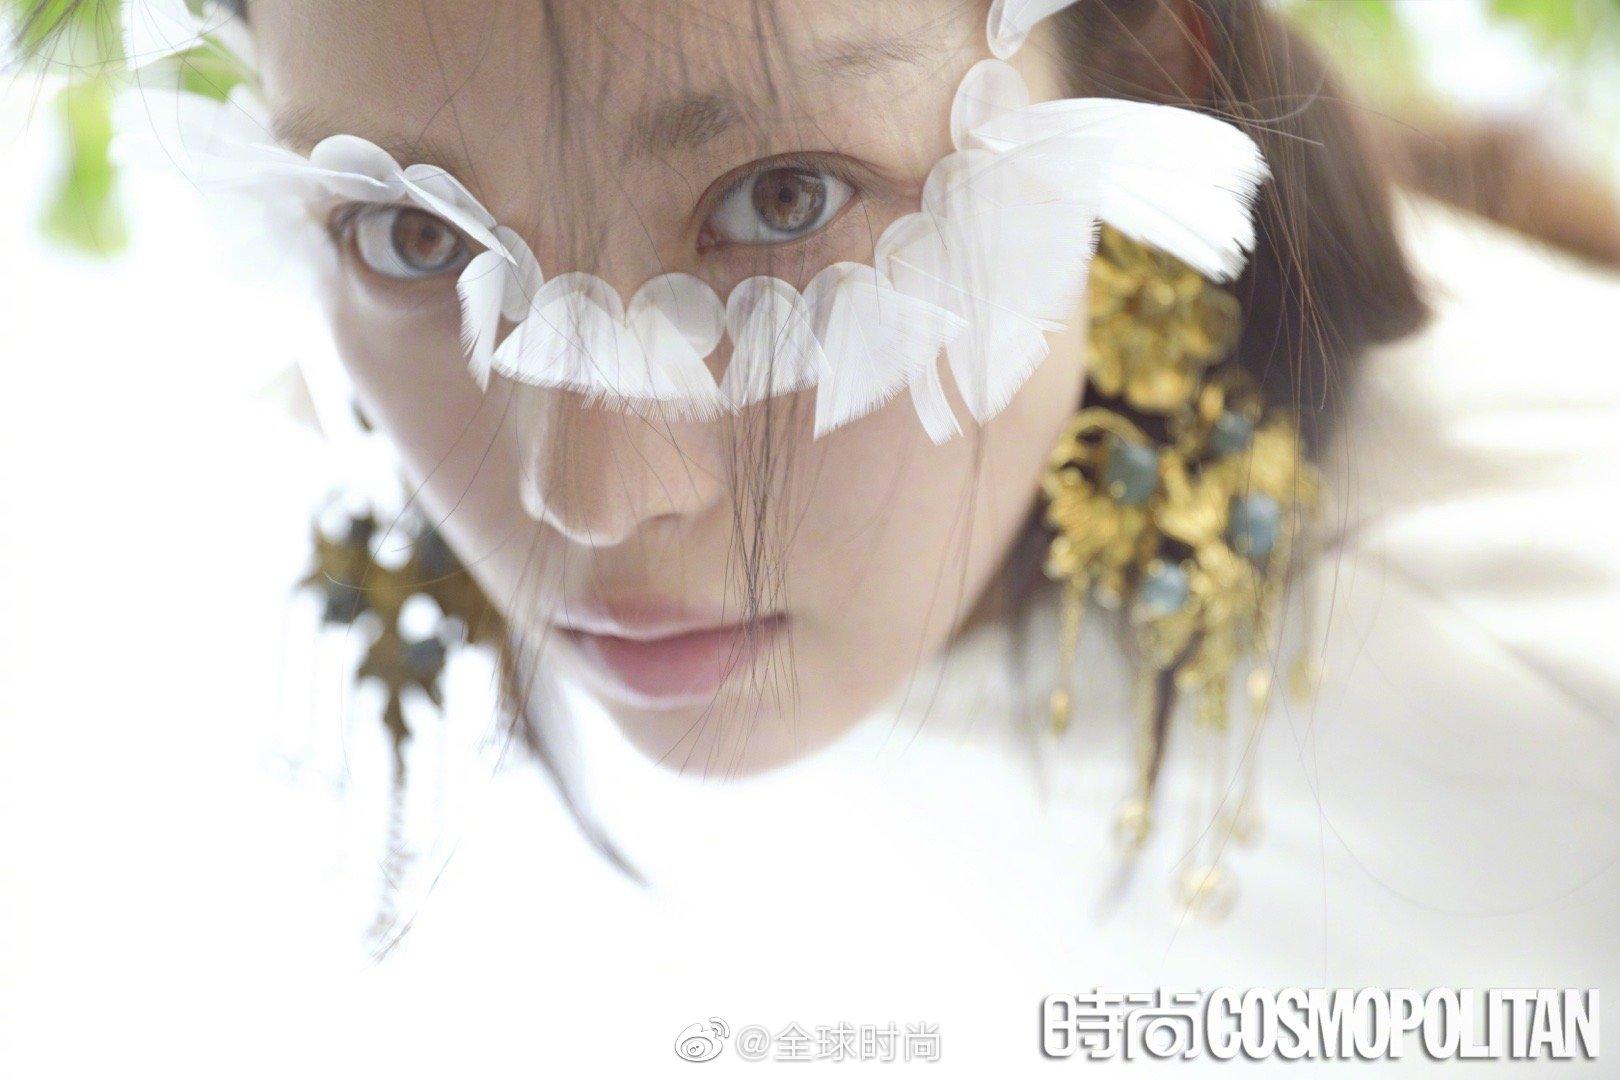 倪妮 &《时尚COSMO》封面大片,素颜出镜搭配创意羽毛设计妆容